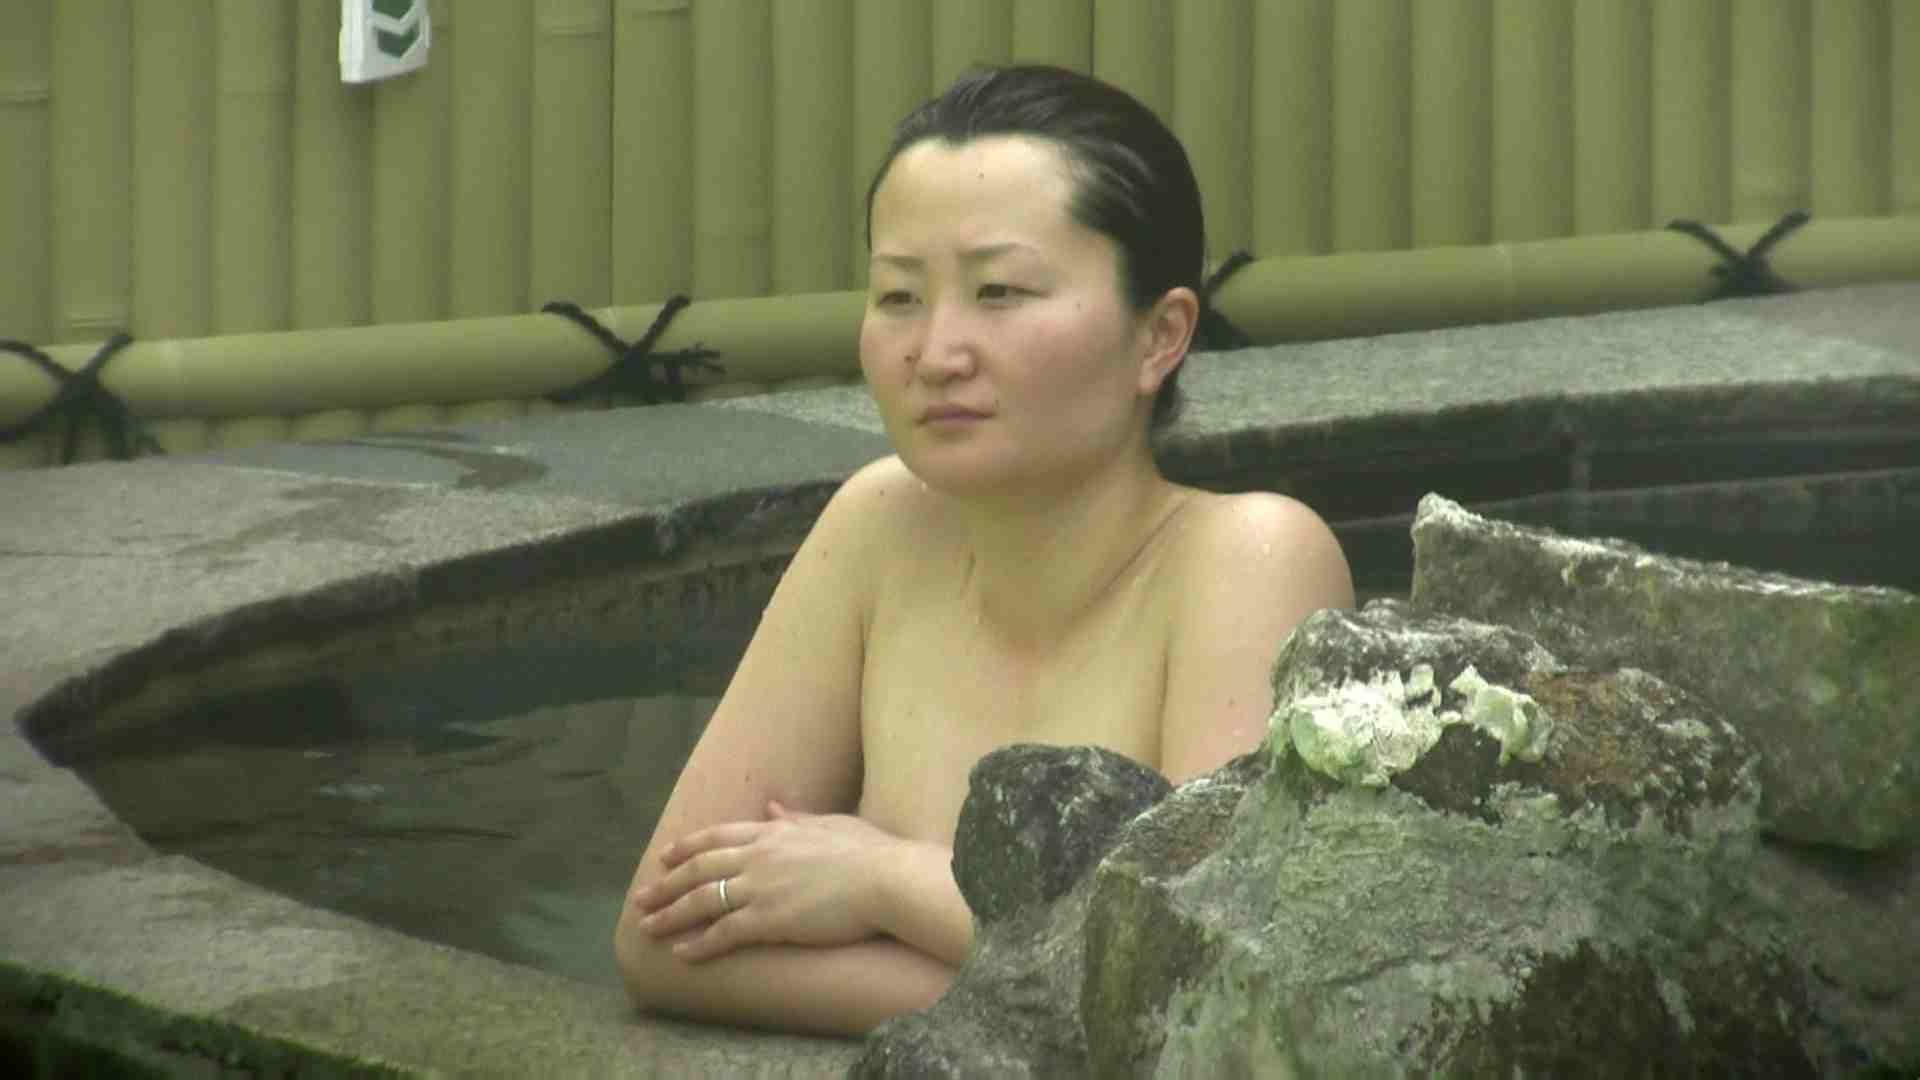 Aquaな露天風呂Vol.632 女体盗撮  75連発 75